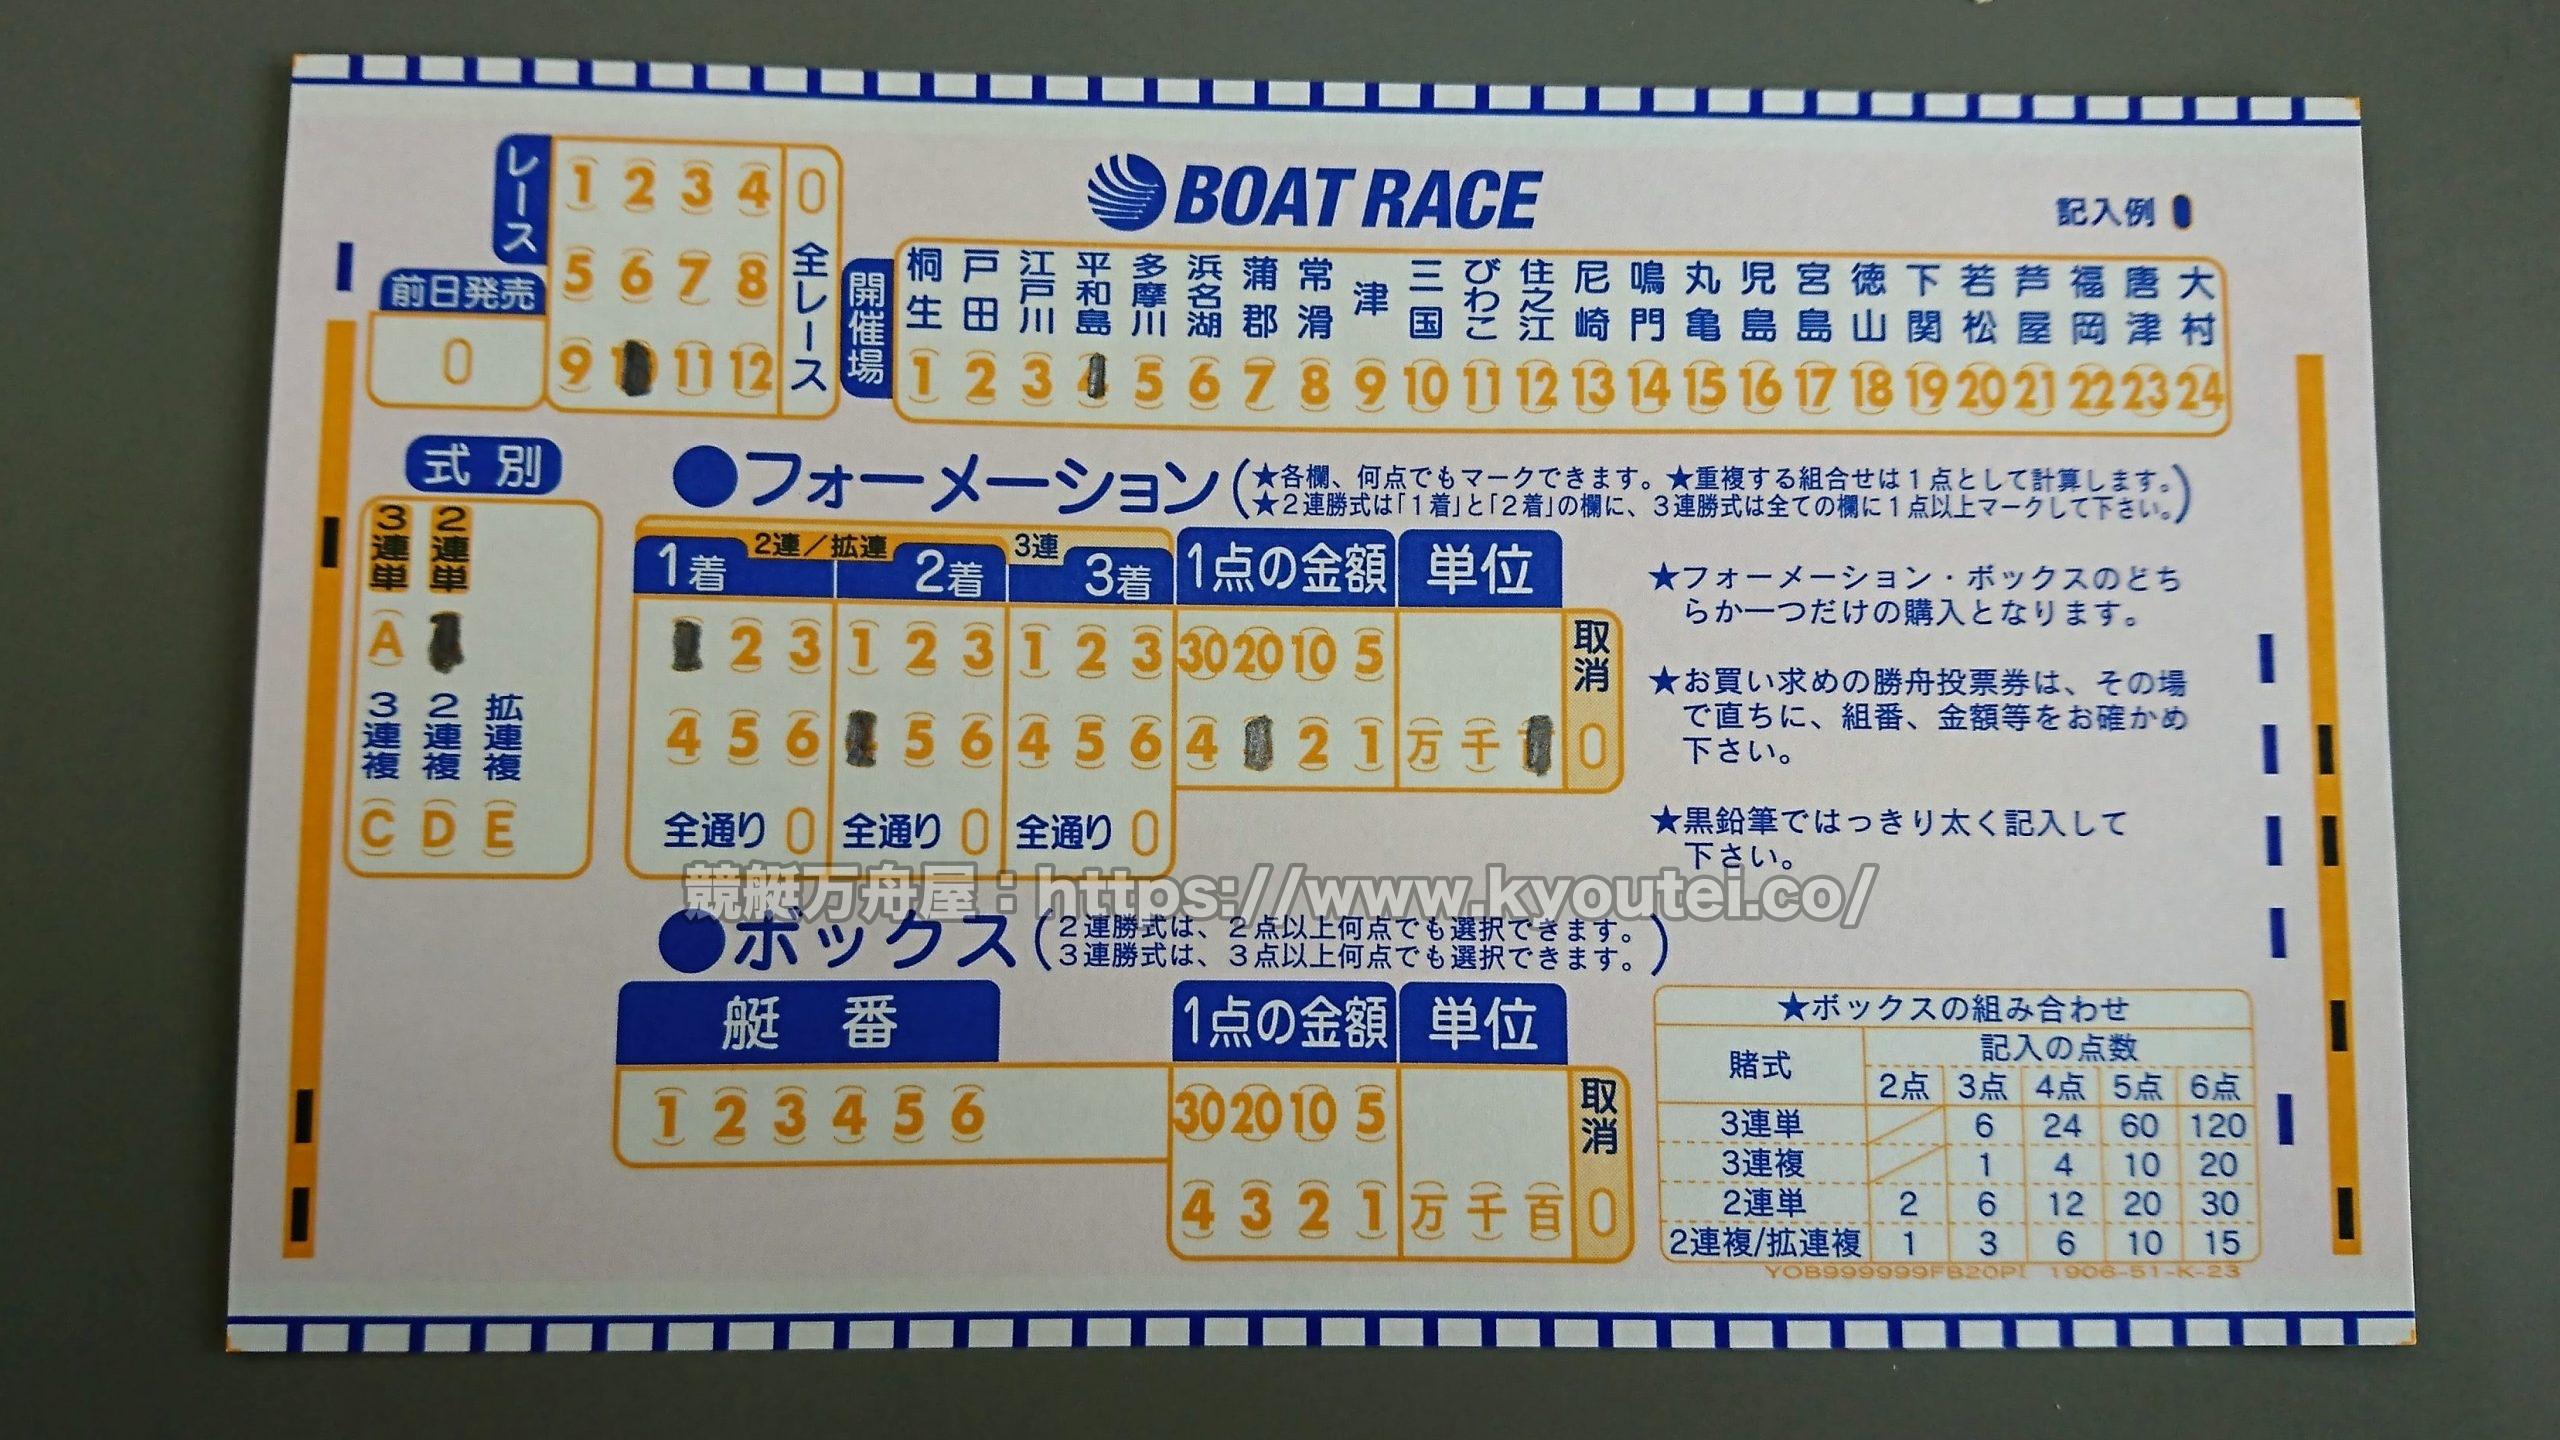 フォーメーション/ボックス投票カード